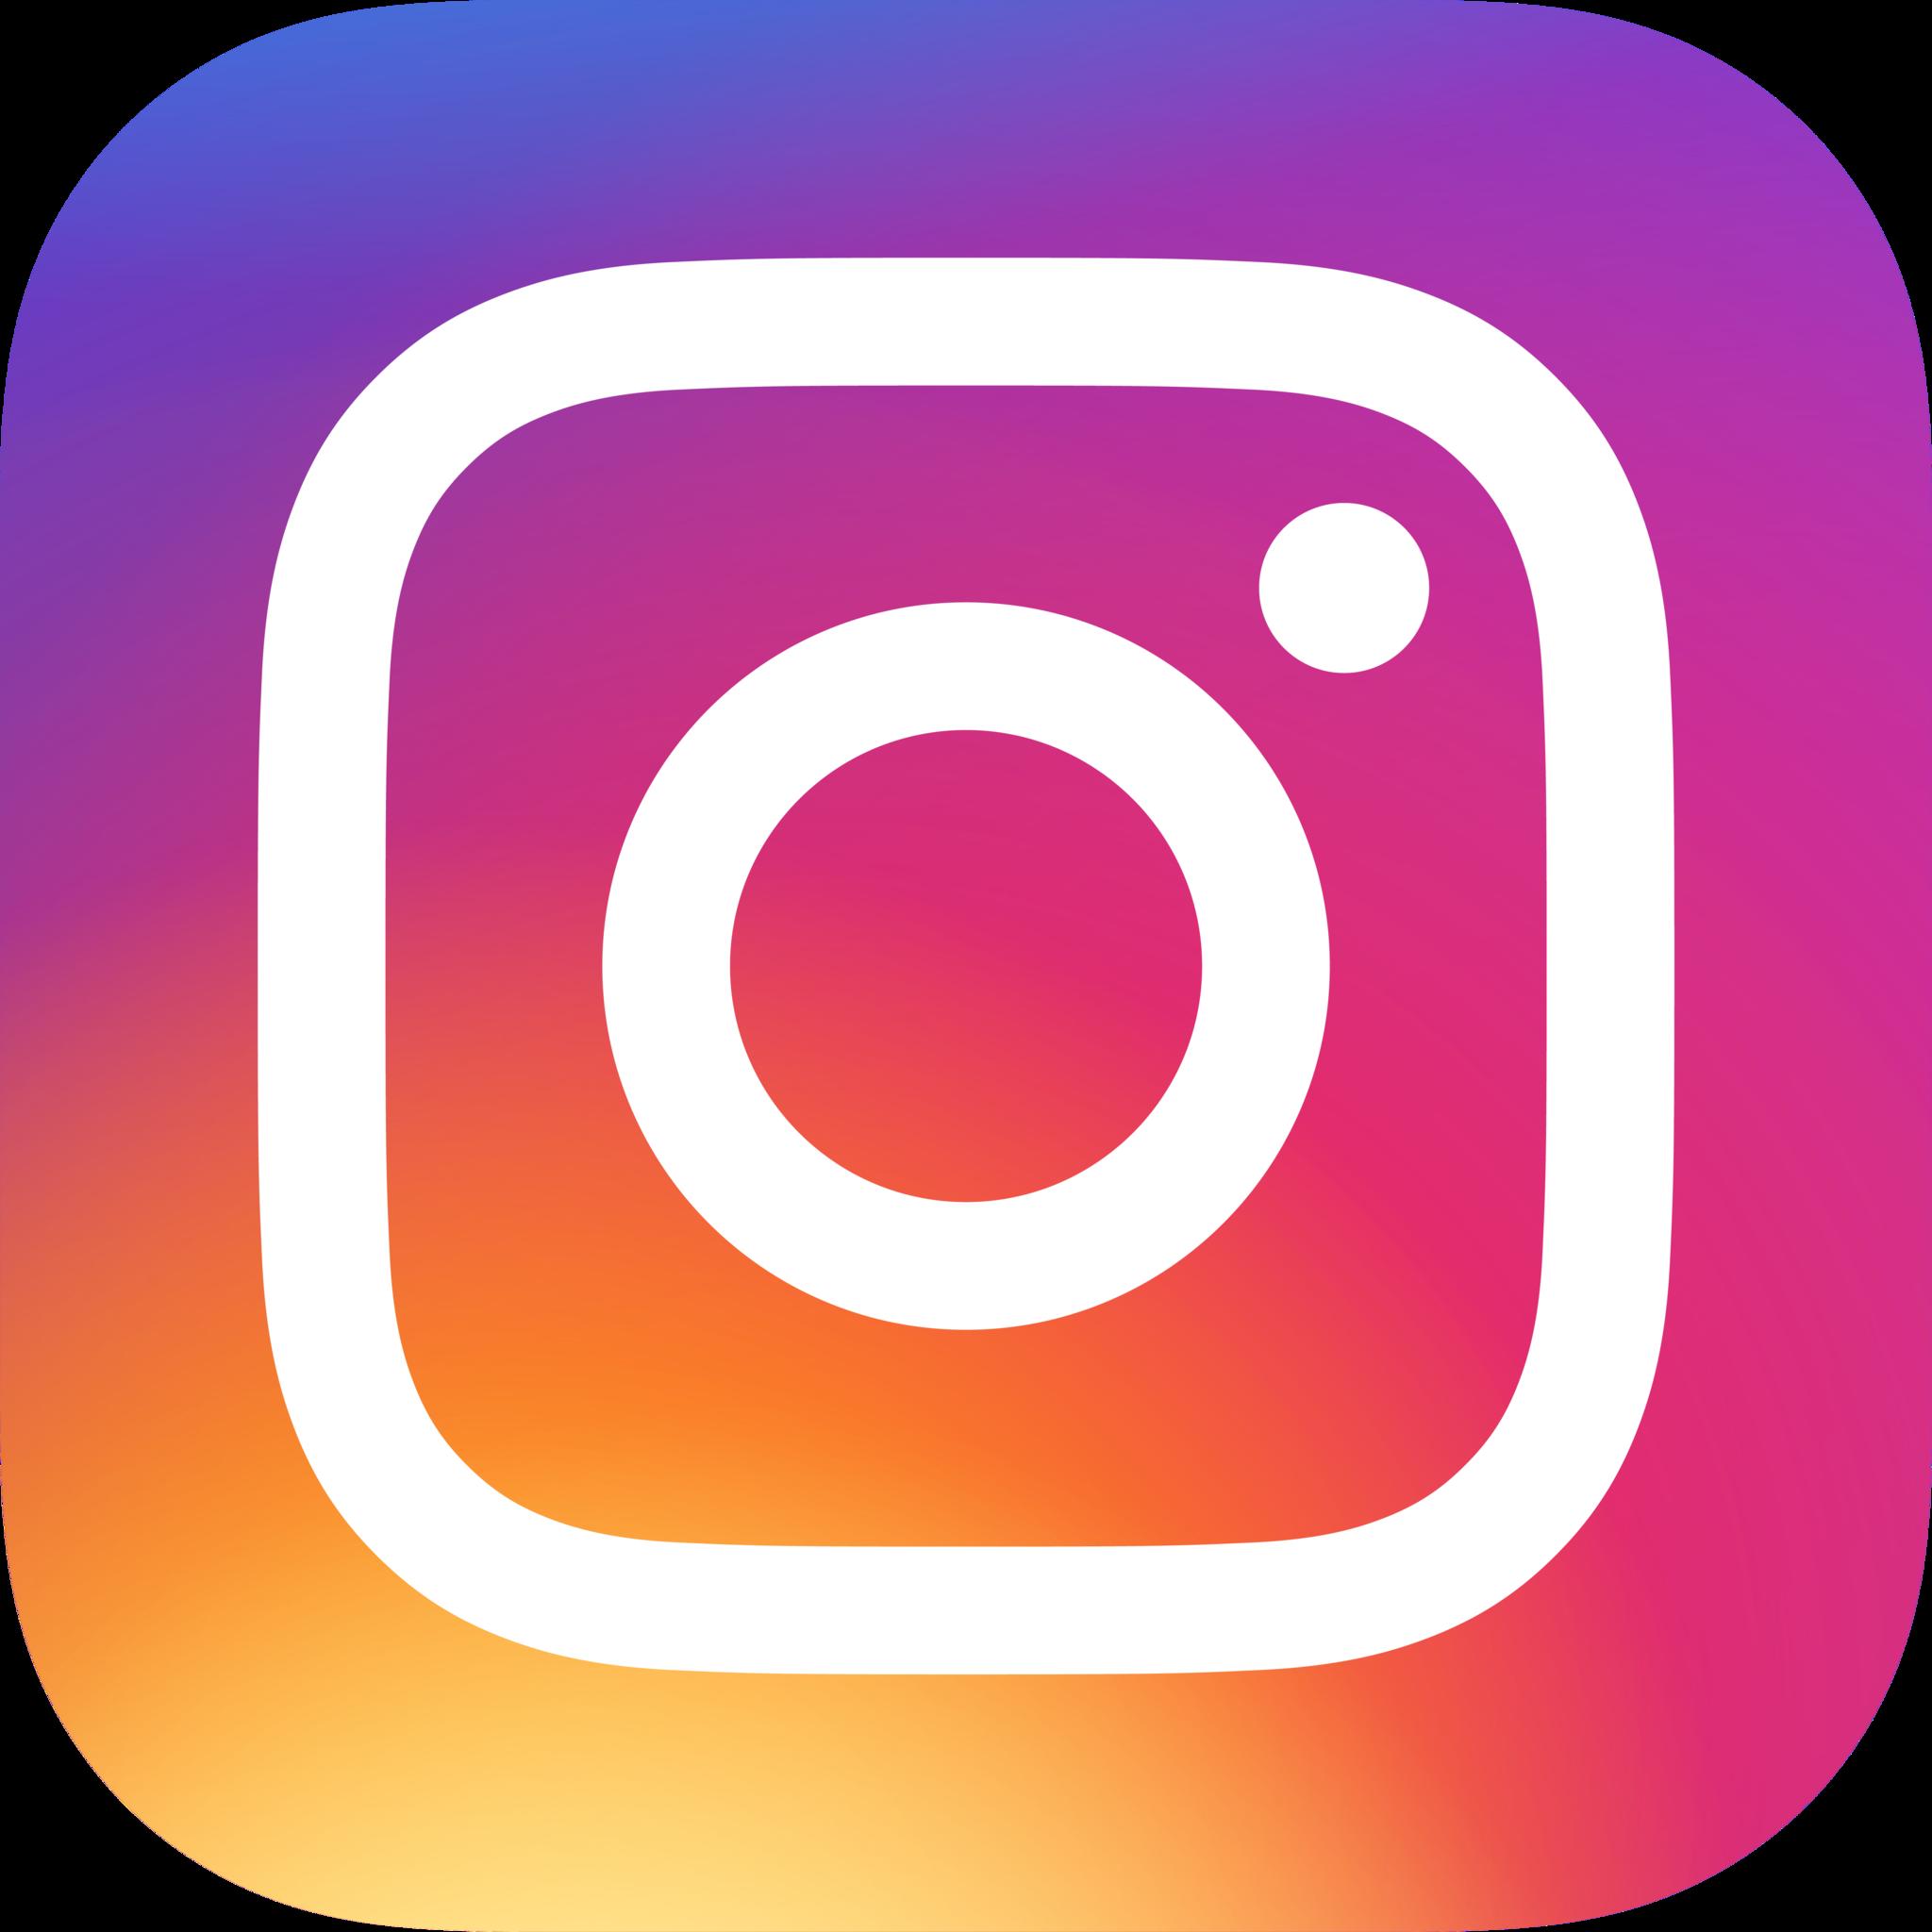 symbioticspaces instagram account